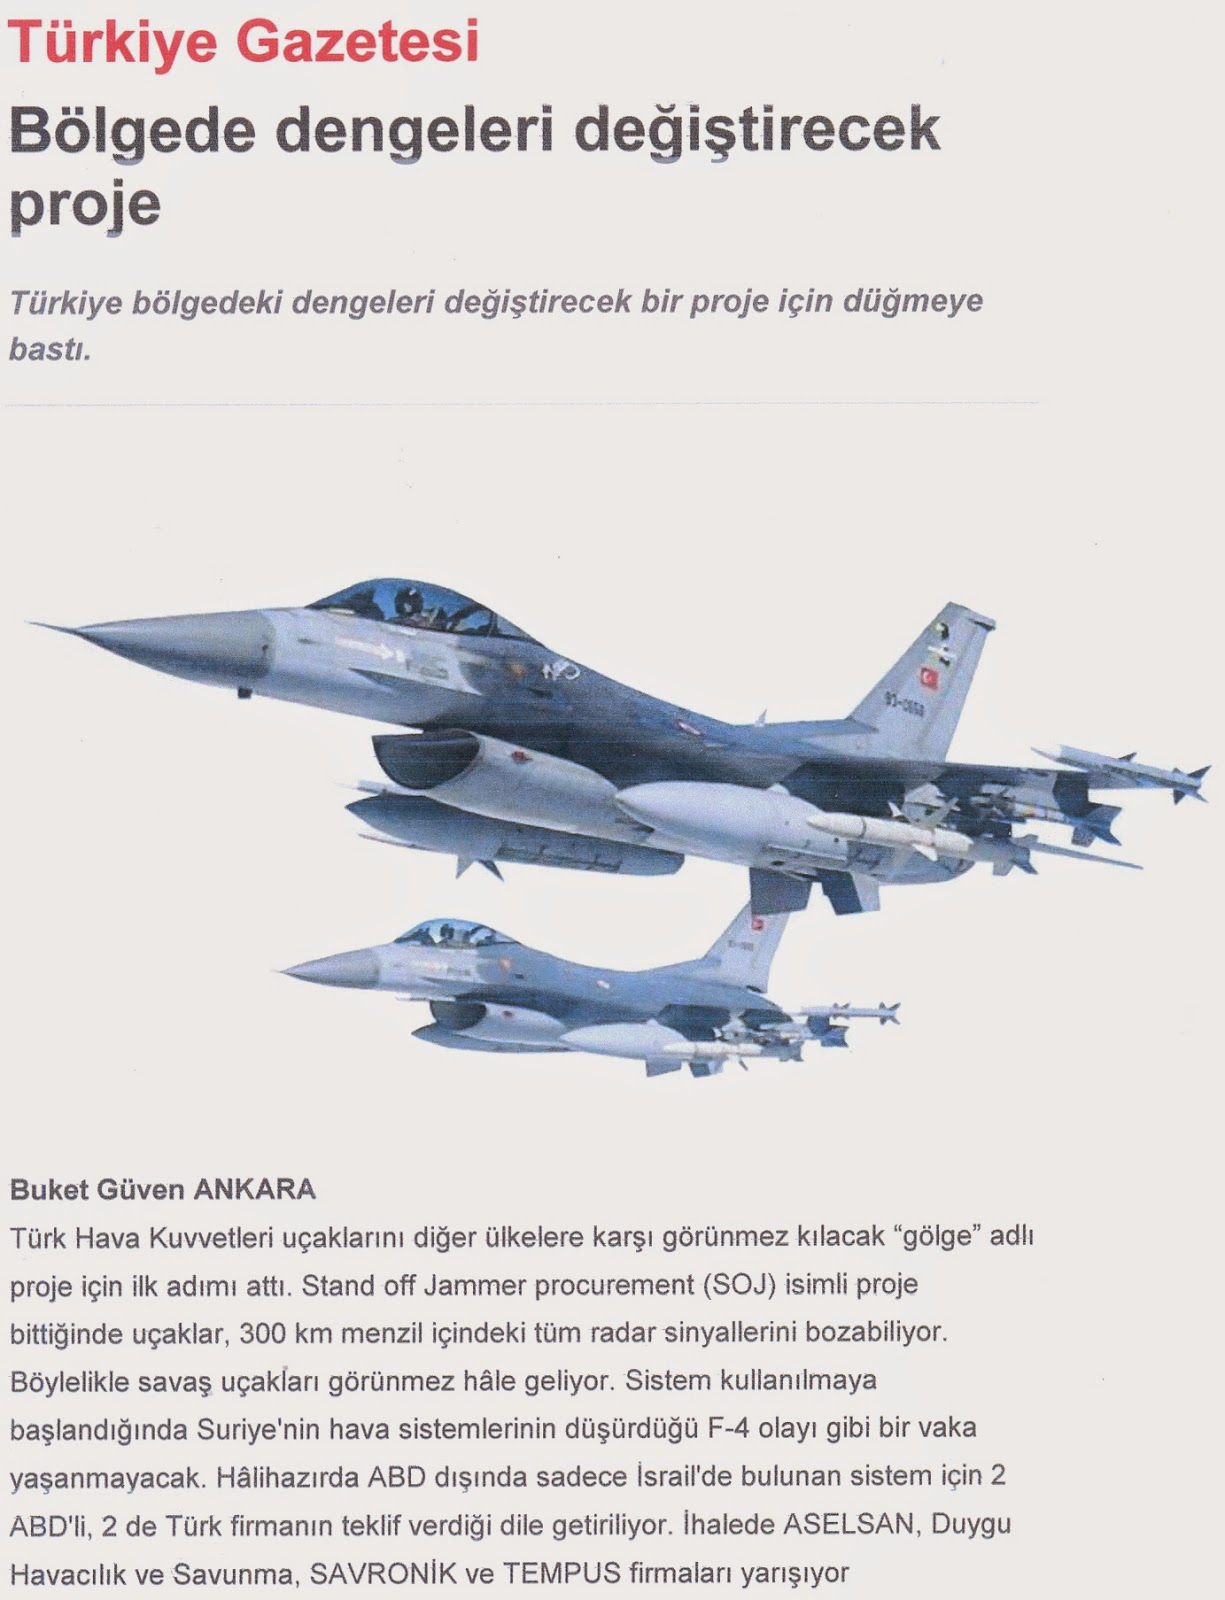 aorati-polemiki-aeroporia-anaggeloun-oi-tourkoi